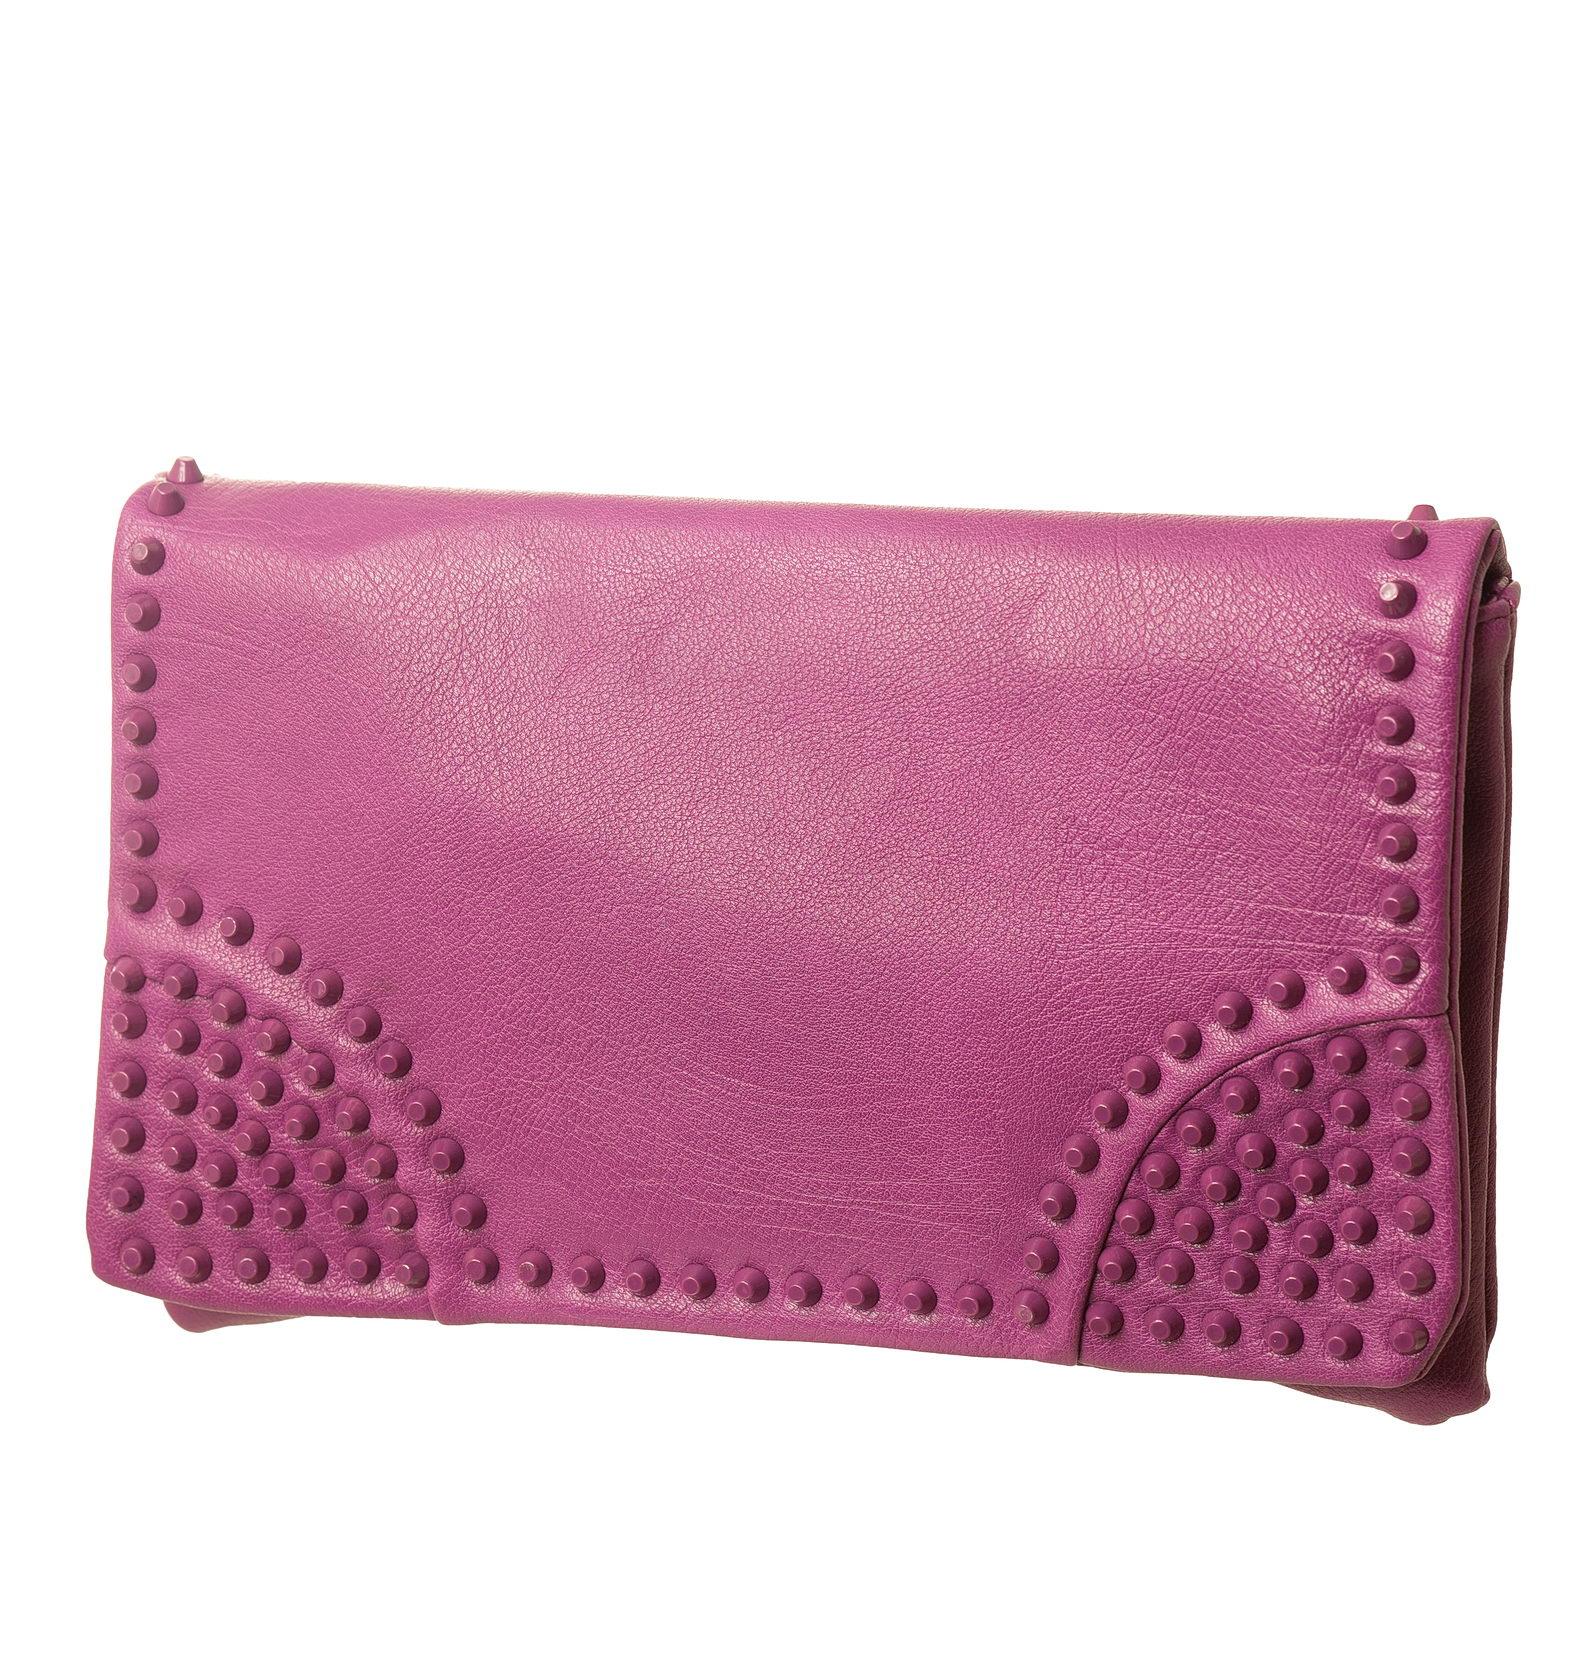 Сбор заказов-3.Огромный выбор настоящих европейских сумок от итальянских и шведских производителей.Яркая весна.Есть распродажа от 250руб